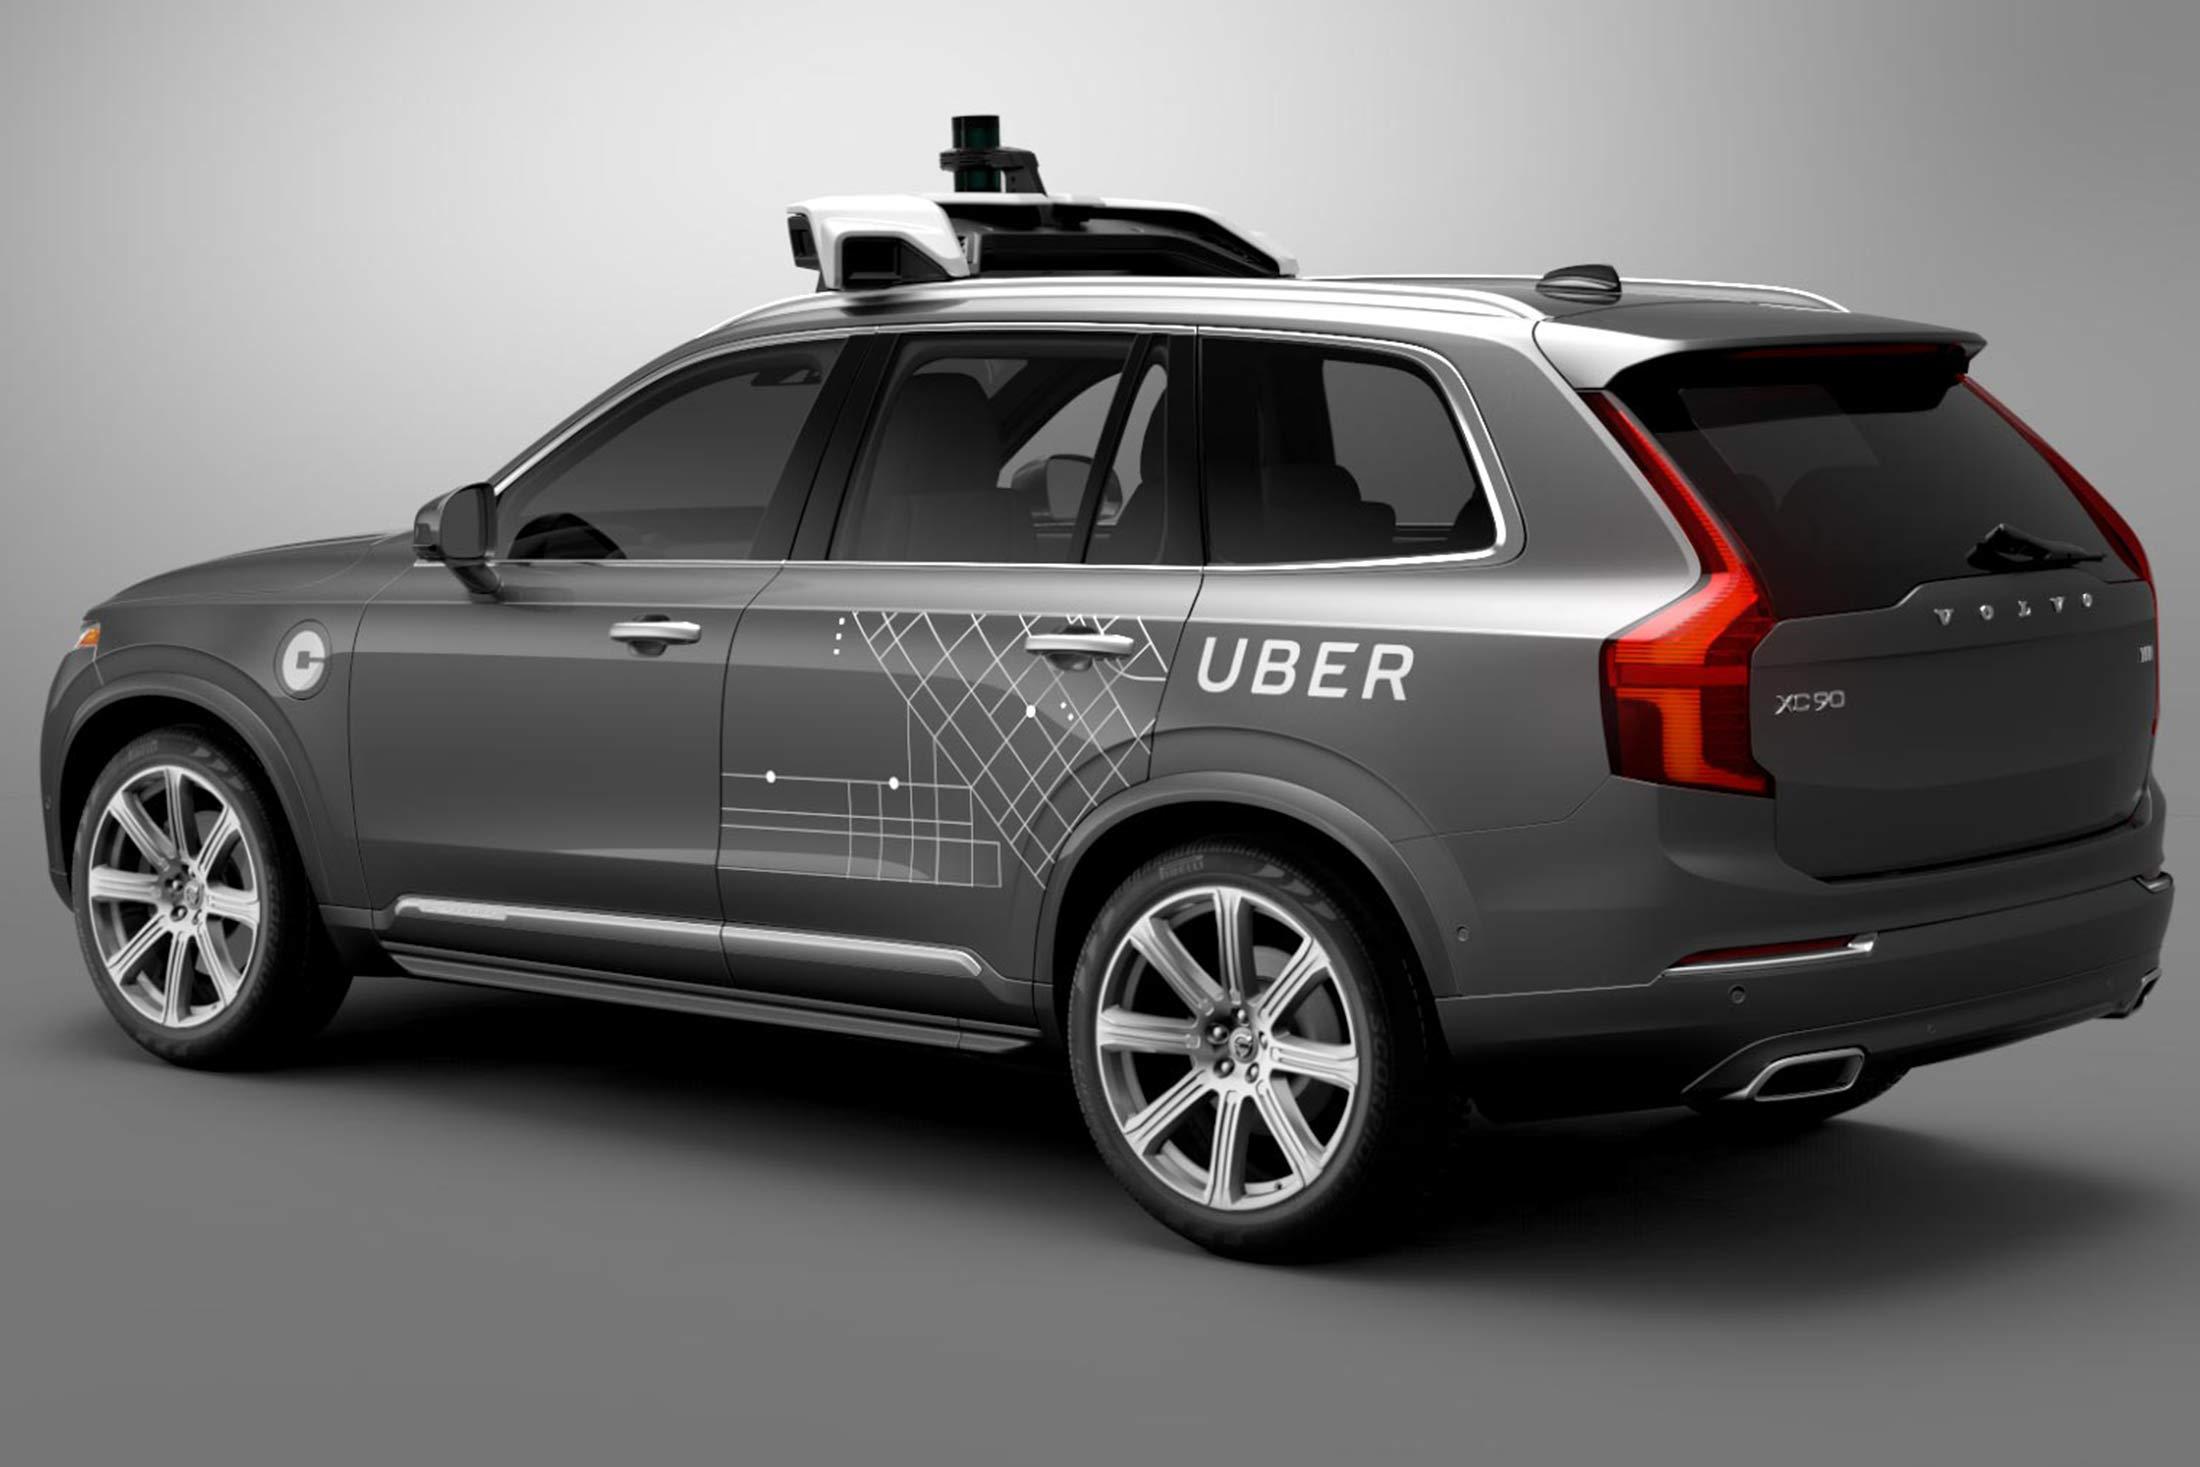 Dans un mois, Uber va utiliser des voitures autonomes à Pittsburgh